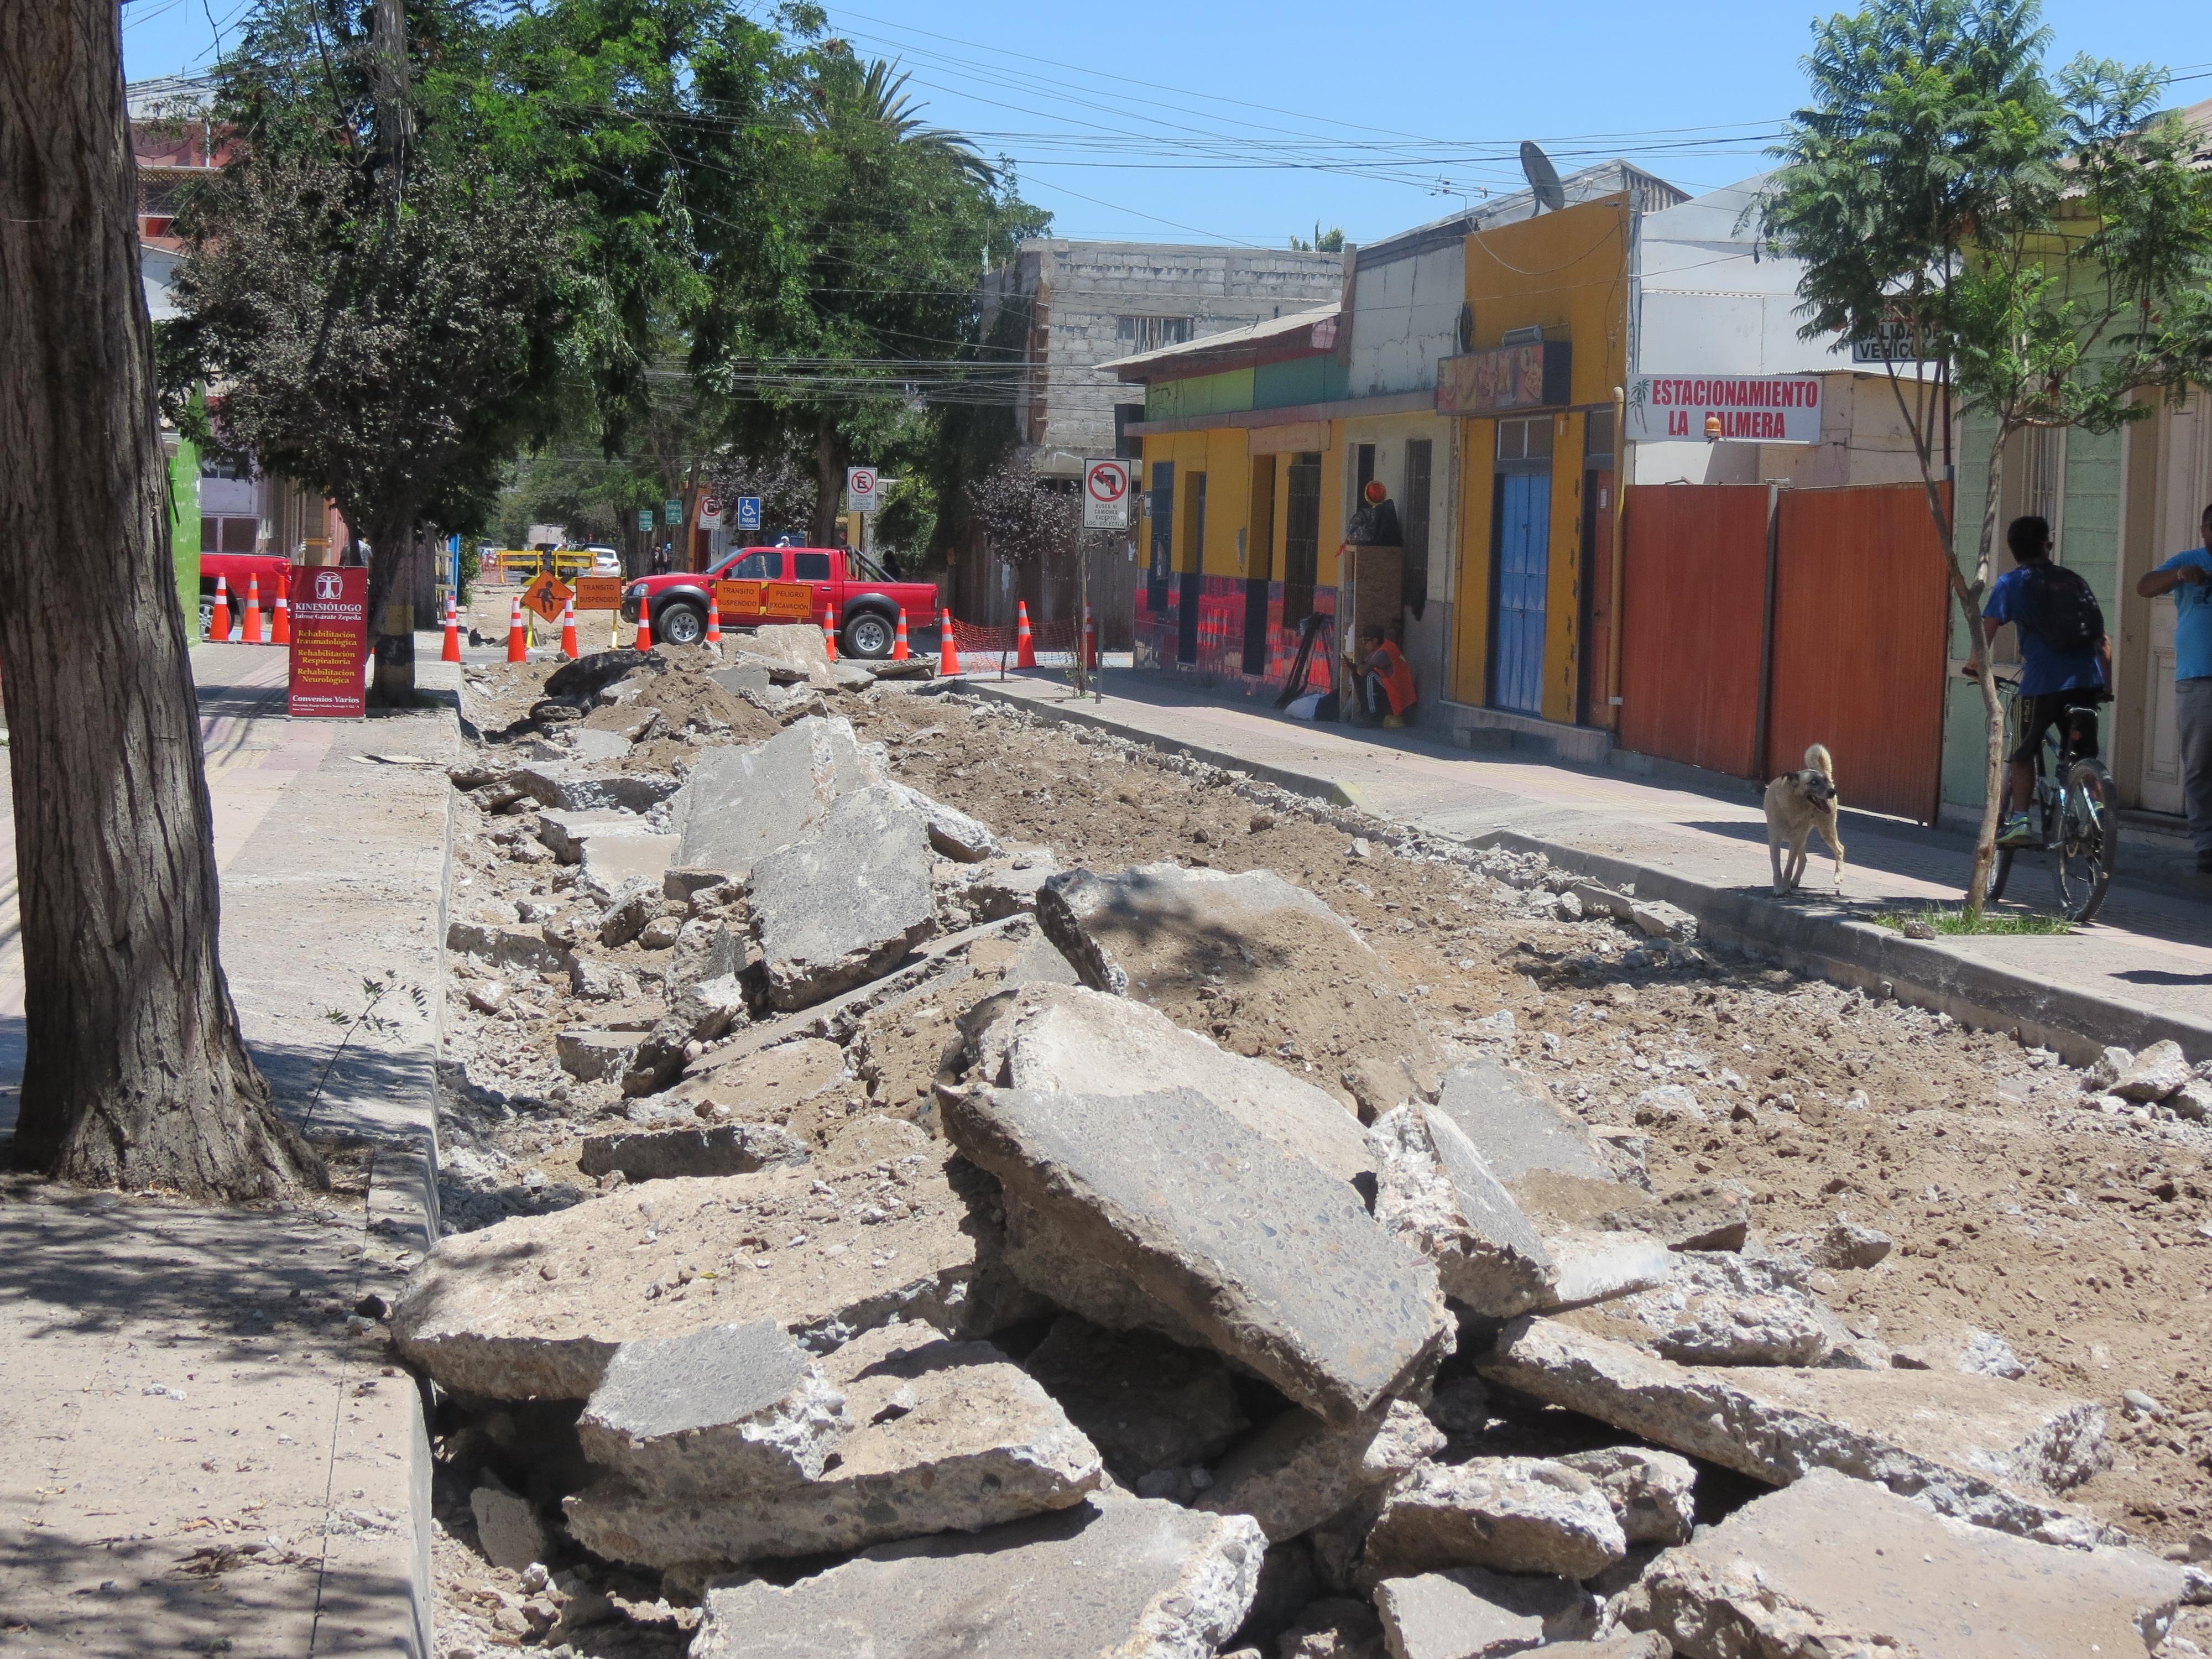 Proyecto de pavimentación de calles dará empleo a 150 personas de Vallenar